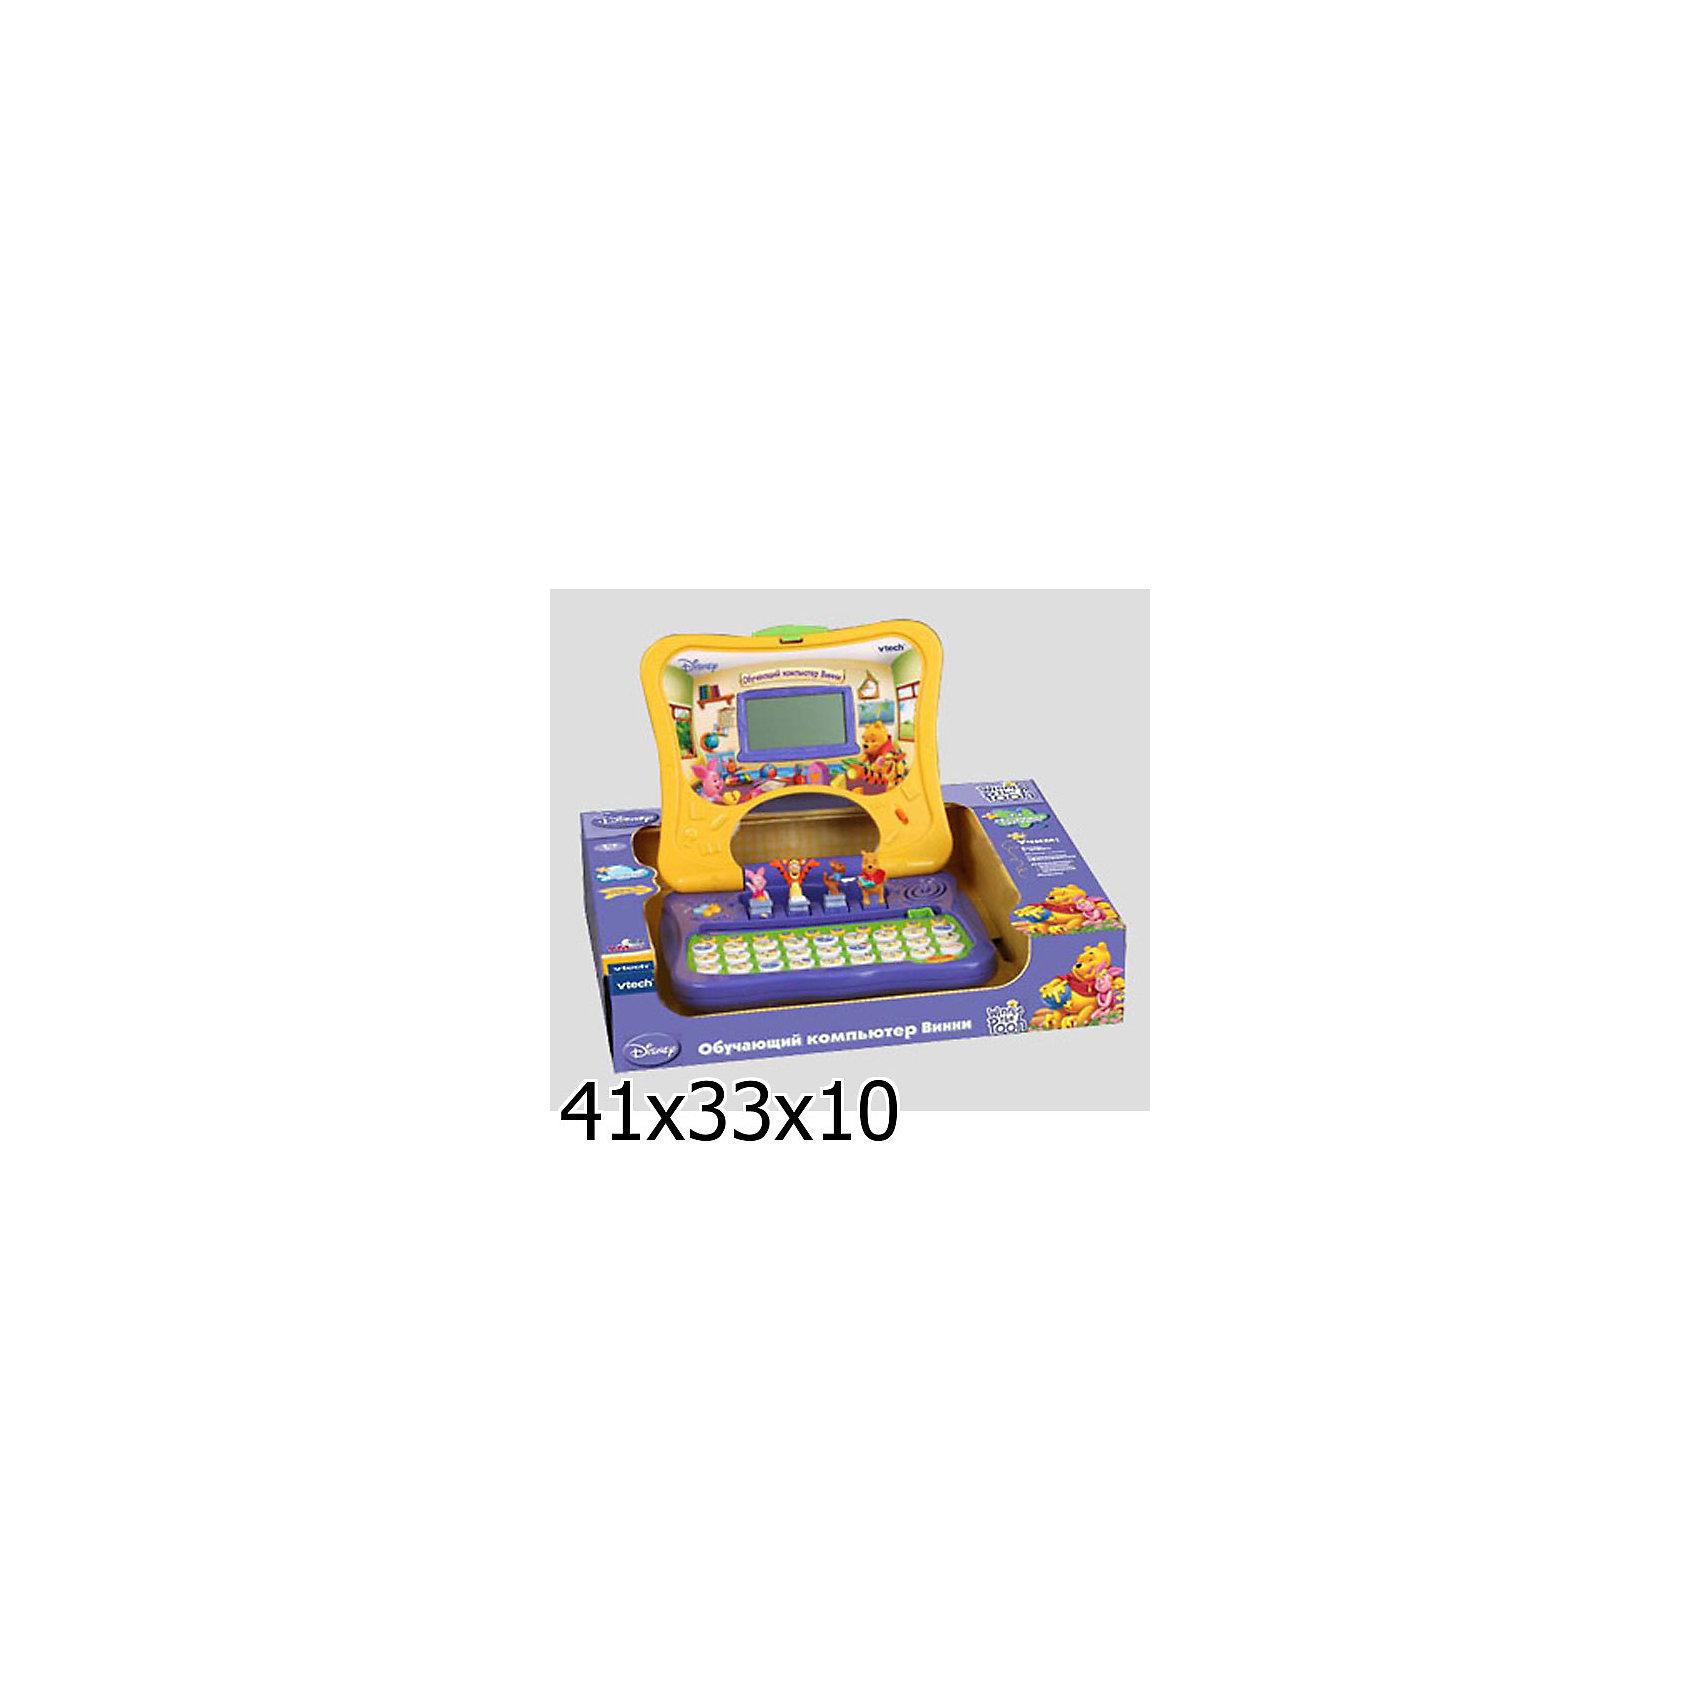 Vtech Обучающий компьютер ВинниVtech Обучающий компьютер Винни - отличная развивающая игрушка для Вашего малыша, обладает следующими достоинствами:<br><br>- 11 обучающих программ<br>- 33 буквы алфавита<br>- цифры от 0 до 9<br>- 3D фигуры<br>- большой LCD-экран<br>- режим вопросов<br>- фонетика<br>- пополняем словарный запас<br>- простые математические навыки<br>- музыка<br>- сравнение<br>- тренируем навык печатания на клавиатуре<br>- регулировка громкости<br>- озвучивание: профессиональное (одноголосое) <br><br>Этот красочный компьютер включает 11 обучающих программ, с помощью которых Ваш малыш научится произносить буквы и цифры, пополнит словарный запас, научится считать и разовьёт чувство ритма. Настоящие голоса героев, 3D фигуры, забавная анимация и звуковые эффекты вызовут интерес к игре и разовьют самостоятельность. Вопросы и игры на внимательность помогут закрепить полученные знания, научат мыслить логически, и будут способствовать развитию реакции. Большой LCD-экран поможет в развитии ассоциативного мышления. <br>Развивает логико-математические, коммуникативные, музыкальные, сенсорные способности. Тренирует  логическое, исследовательское мышление, а также навыки чтения и письменной речи.<br><br>Обучающий компьютер Винни станет прекрасным подарком для любознательных малышей!<br><br>Дополнительная информация:<br><br>- Материал: пластик<br>- Размер: 26 х 28 см<br>- Батарейки: 3 х АА, не входят в комплект<br>- Вес: 0.789  кг<br><br>Игрушку Обучающий компьютер Винни от Vtech можно купить в нашем интернет-магазине.<br><br>Ширина мм: 90<br>Глубина мм: 420<br>Высота мм: 330<br>Вес г: 1630<br>Возраст от месяцев: 12<br>Возраст до месяцев: 48<br>Пол: Унисекс<br>Возраст: Детский<br>SKU: 2149231